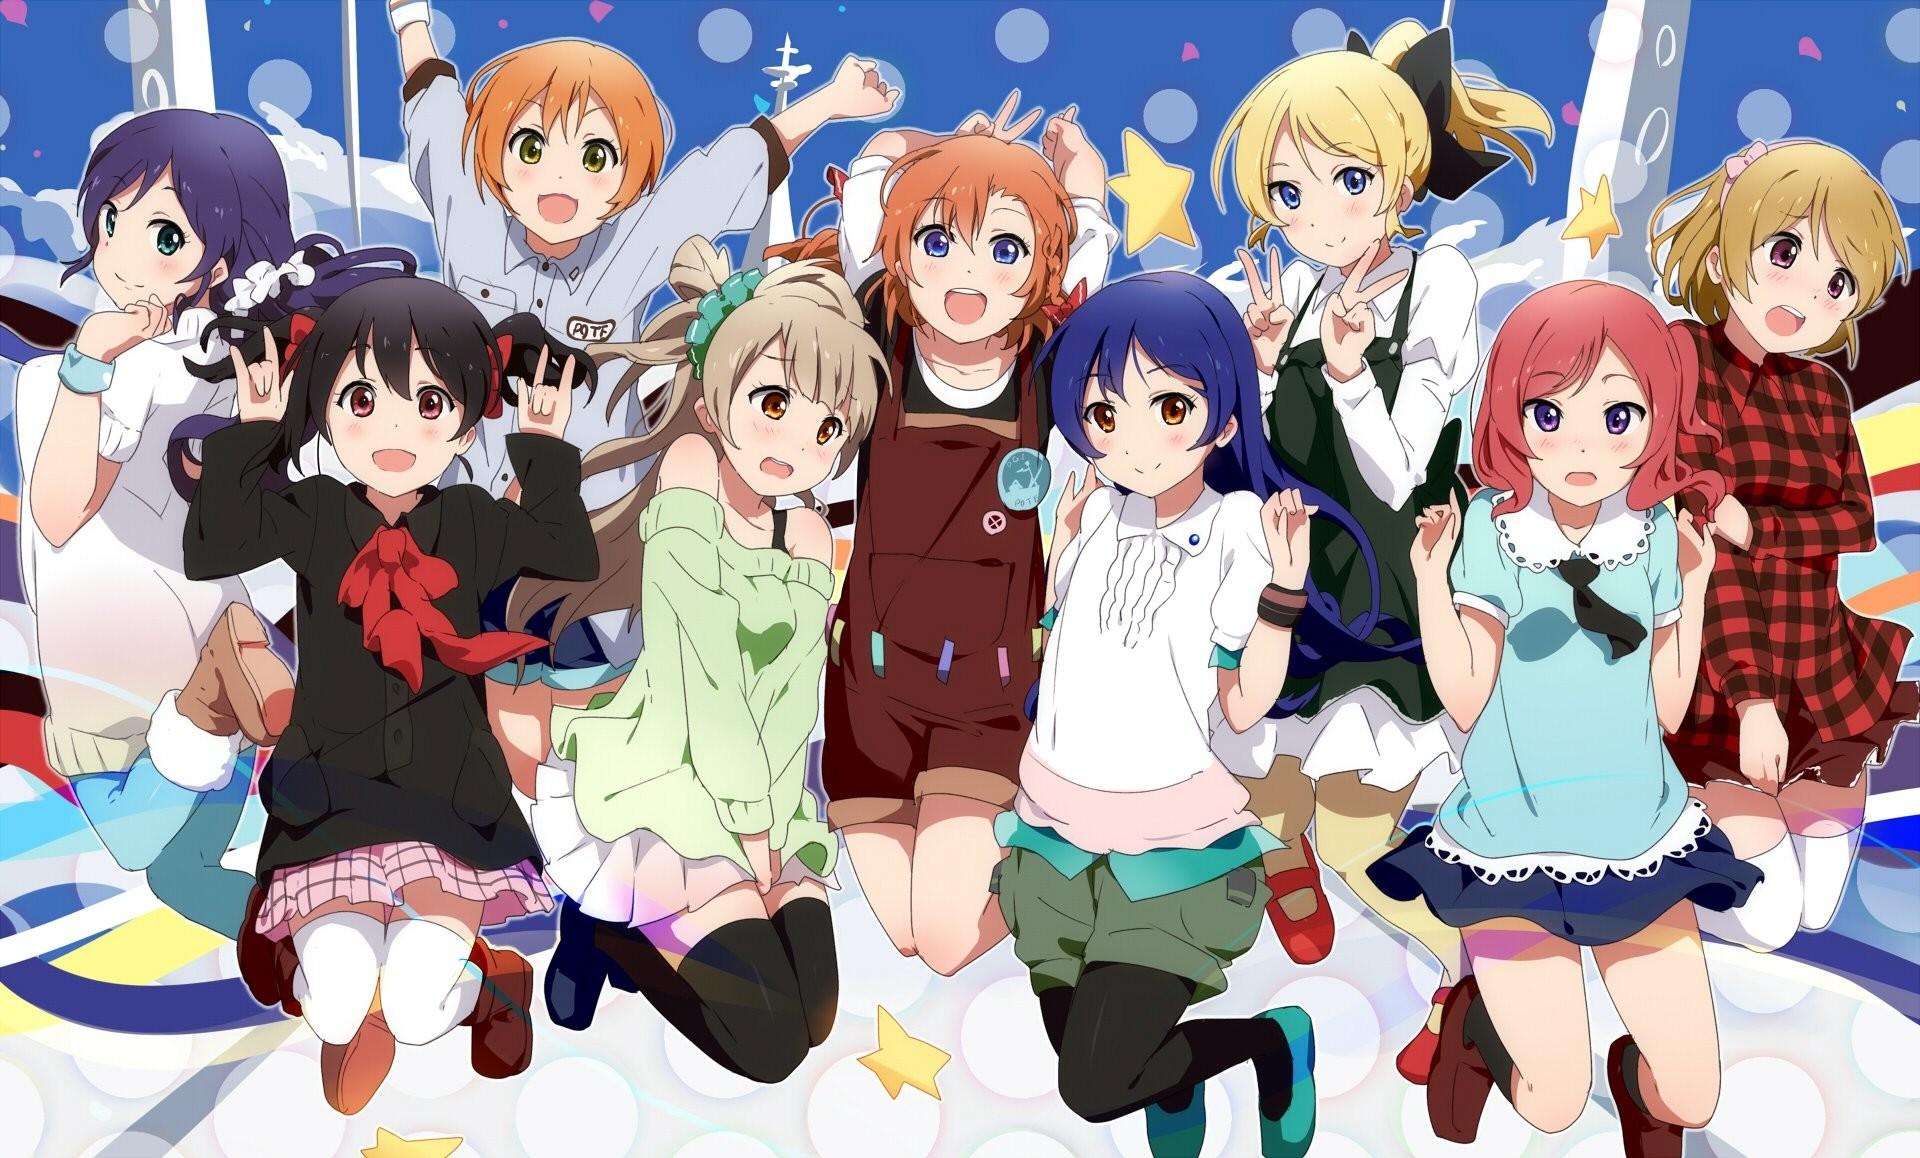 Love live! school idol project ayase eri black buraku hoshizora rin koizumi  hanayo kousaka honoka minami kotori nishikino maki sonoda umi toujou nozomi  …